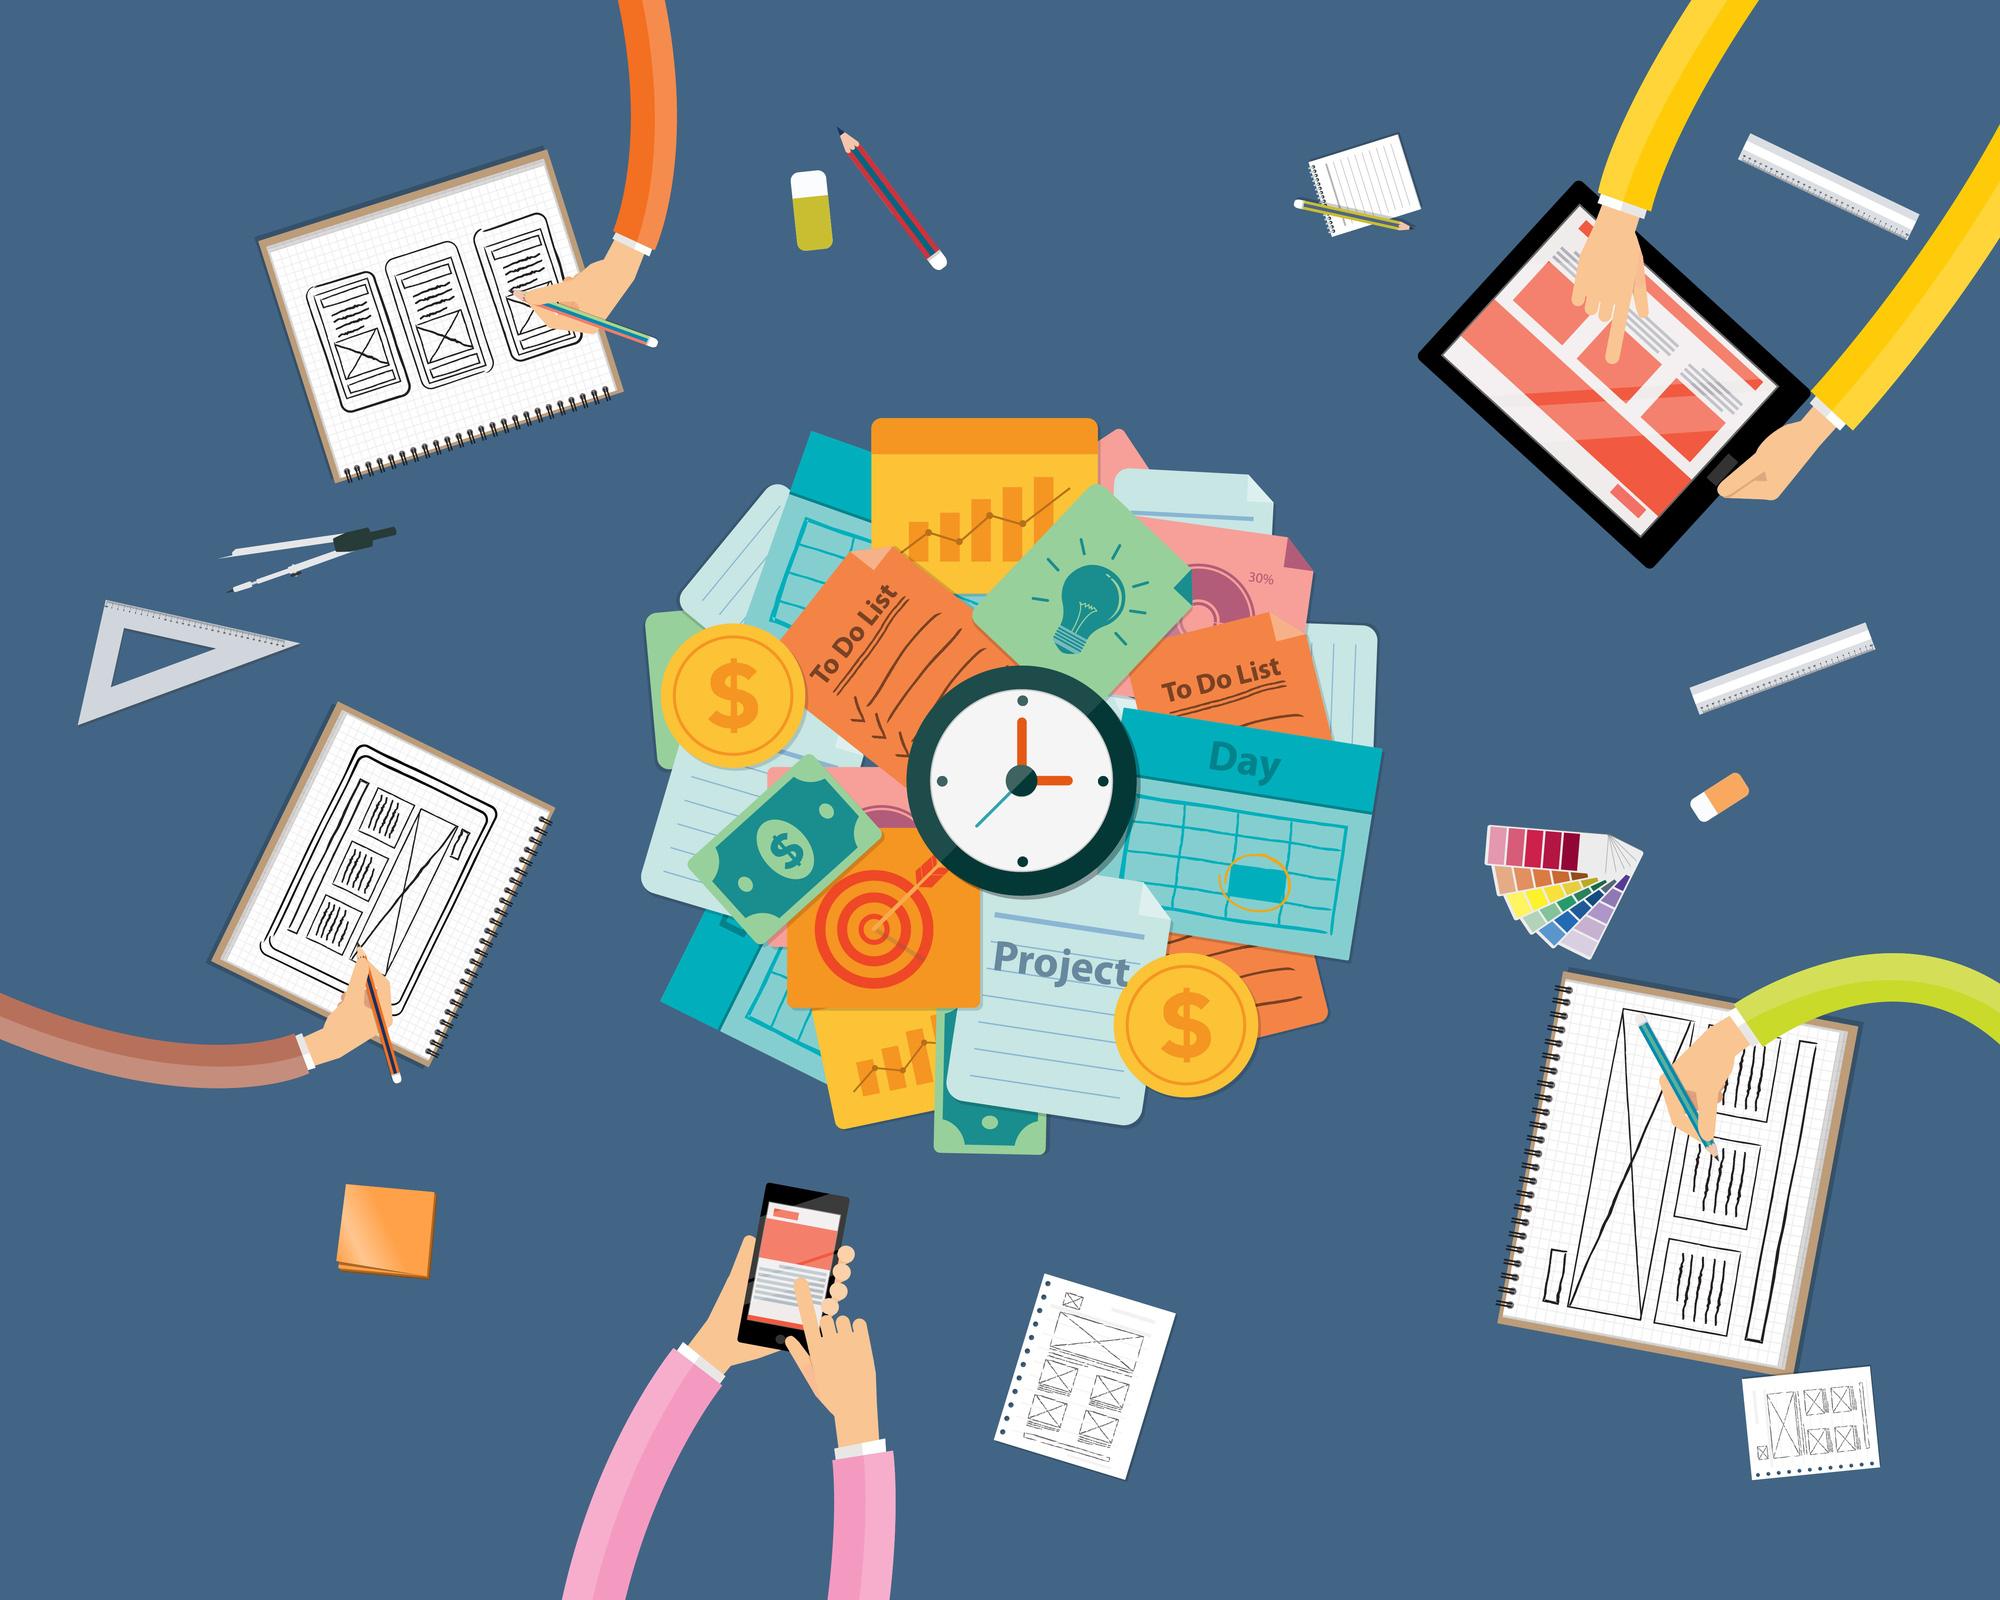 Đặc thù công việc ở agency và client là khác nhau